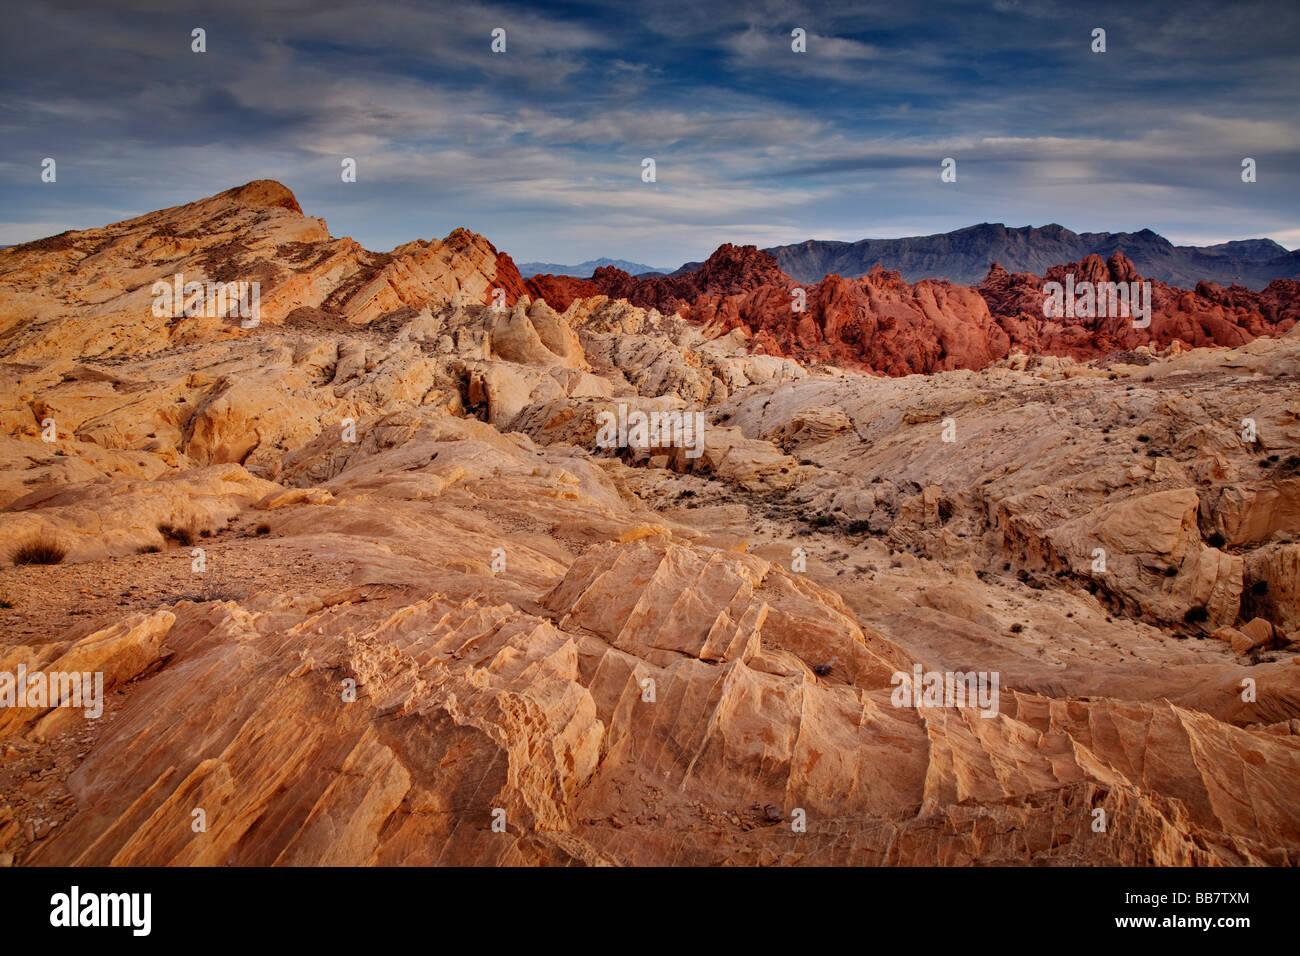 La Valle del Fuoco vicino a Las Vegas in Nevada USA Immagini Stock